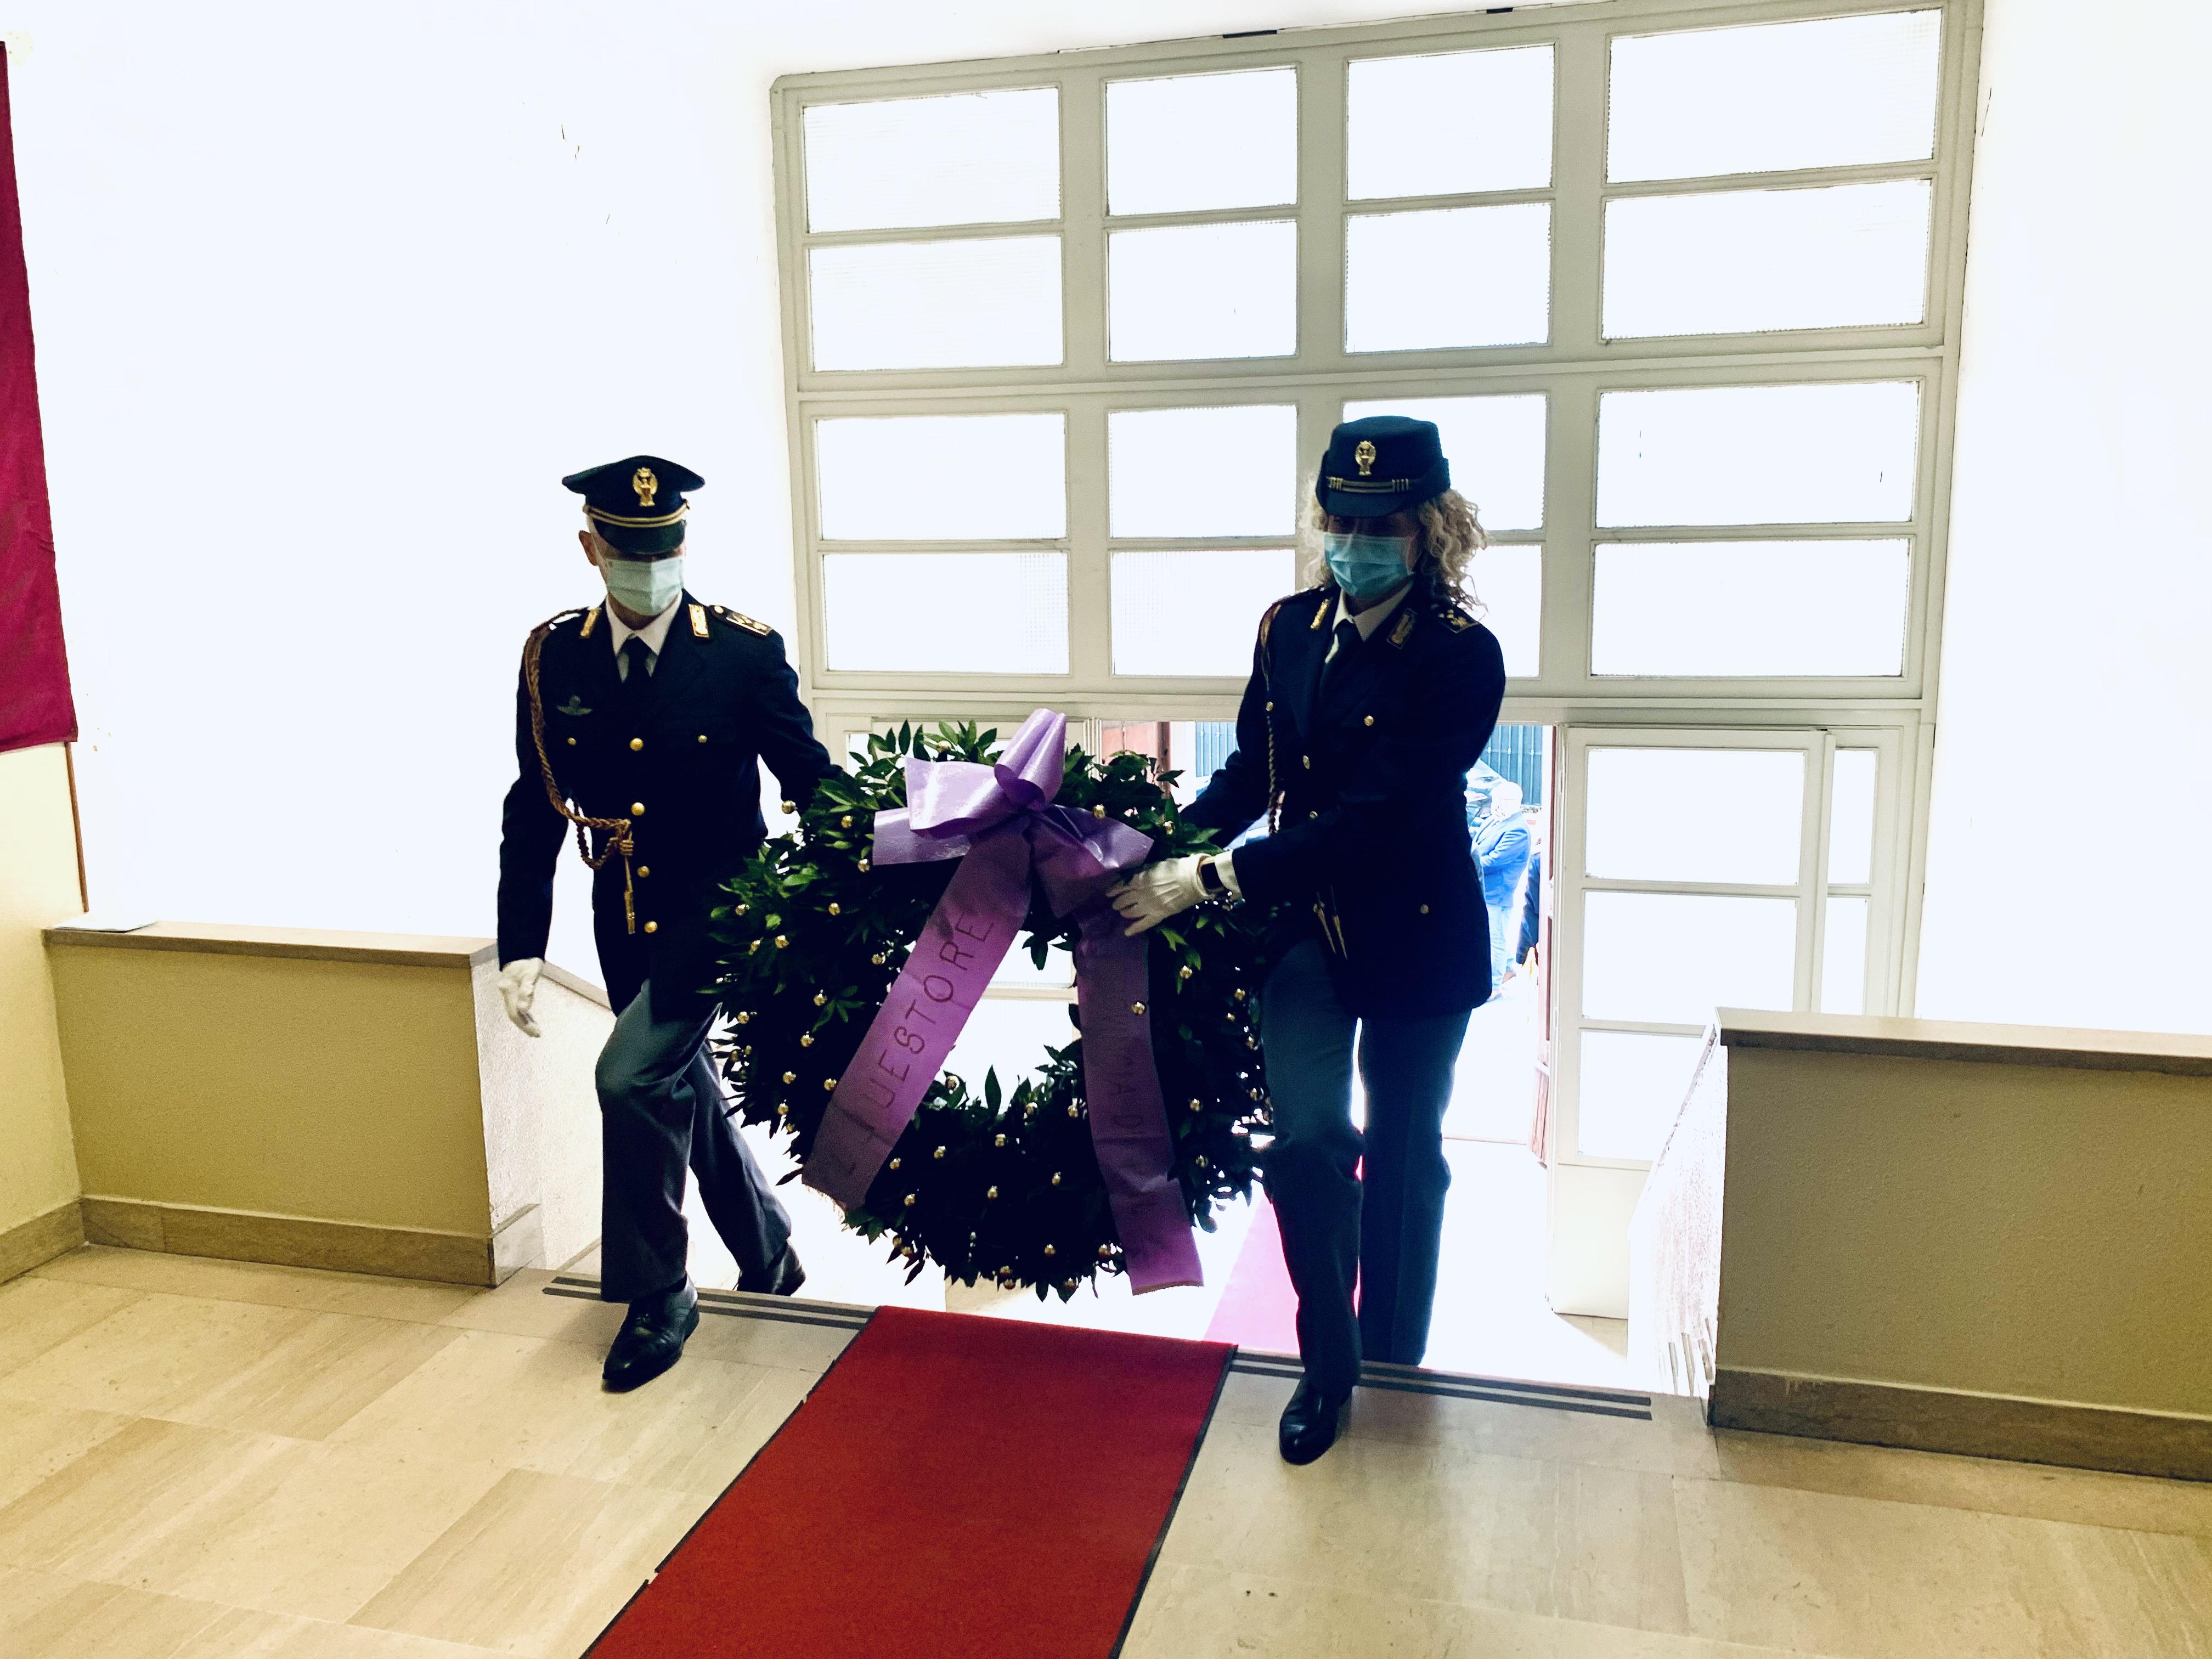 Foto cerimonia 169° Anniversario Polizia di Stato